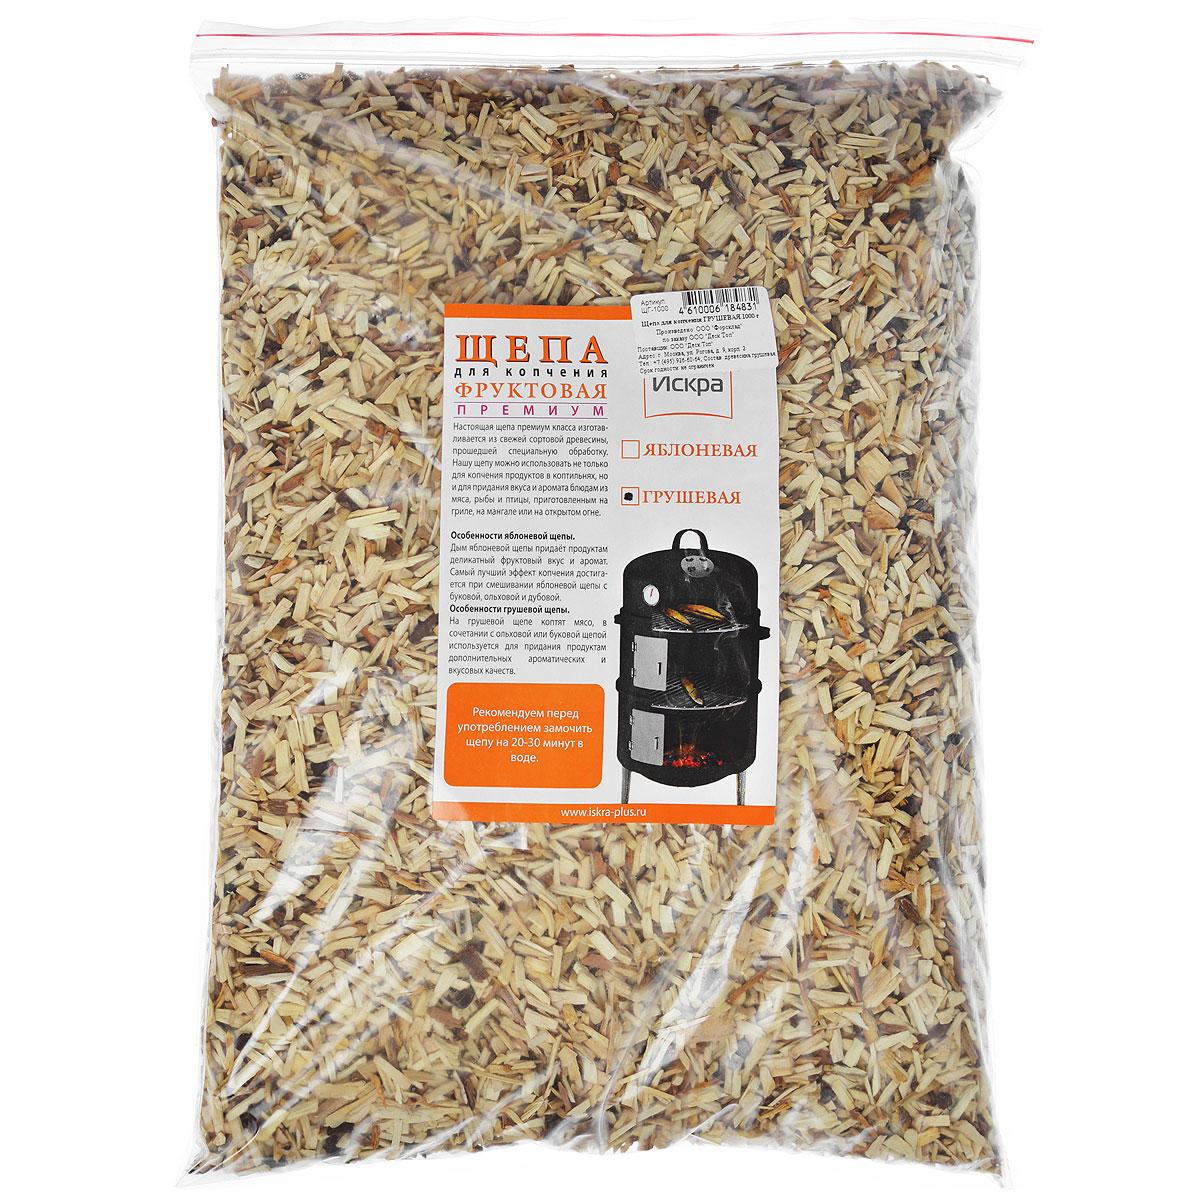 Щепа для копчения Искра Грушевая, 1 кгЩГ-1000Щепа для копчения премиум класса Искра Грушевая, изготовлена из свежей сортовой древесины, прошедшей специальную обработку. Ее можно использовать не только для копчения продуктов в коптильнях, но и для придания вкуса и аромата блюдам из мяса, рыбы и птицы, приготовленным на гриле, мангале или на открытом огне. Рекомендуется перед употреблением замочить щепу на 20-30 минут в воде.Фракция 3-8 мм; Влажность 15-20%. <br Вес: 1 кг.